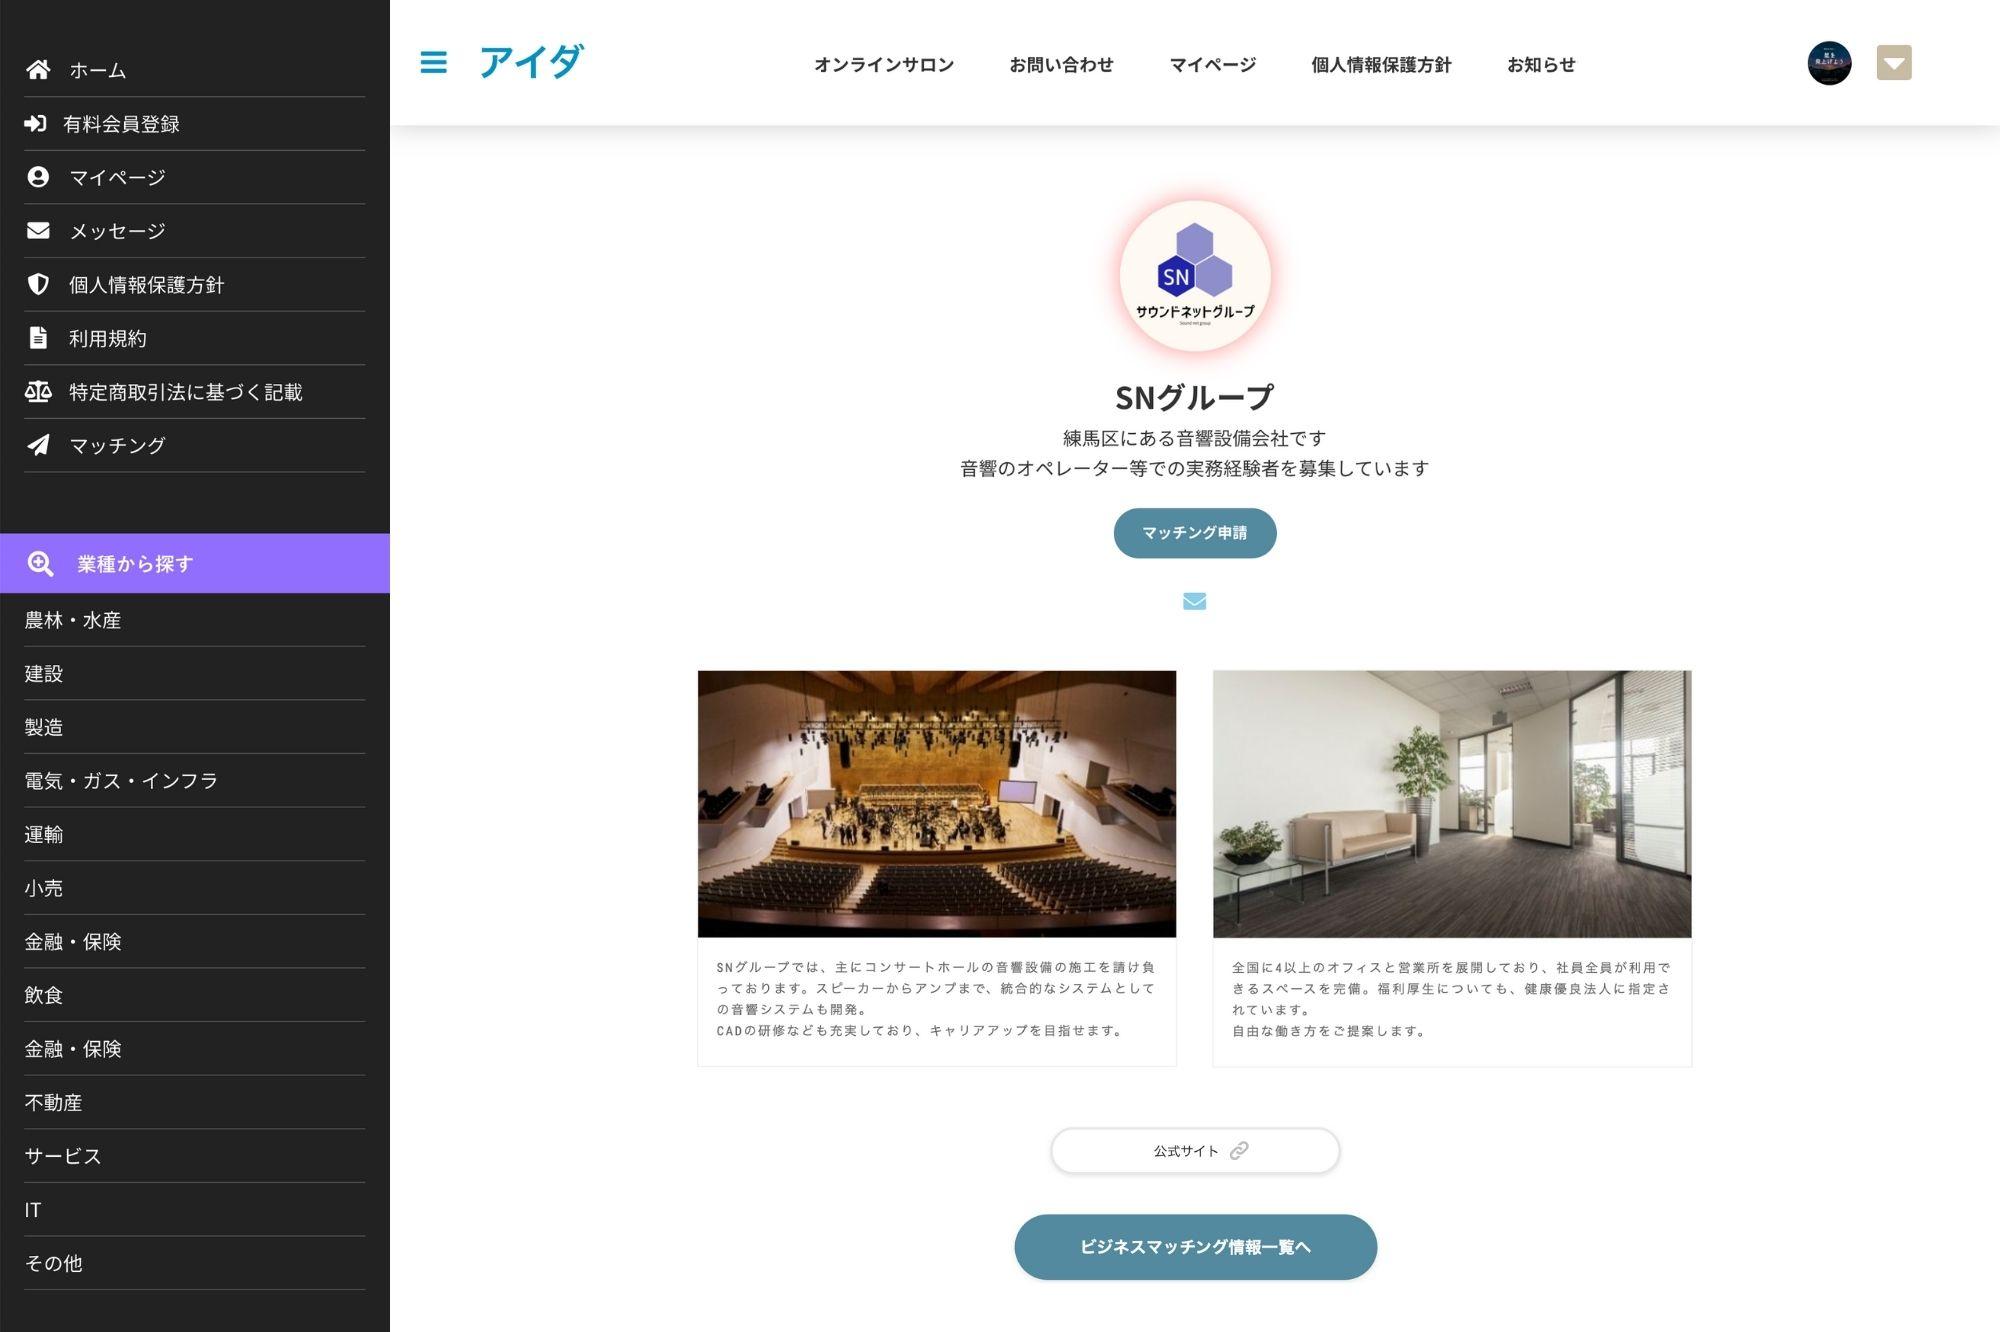 マッチングサイト デザイン例